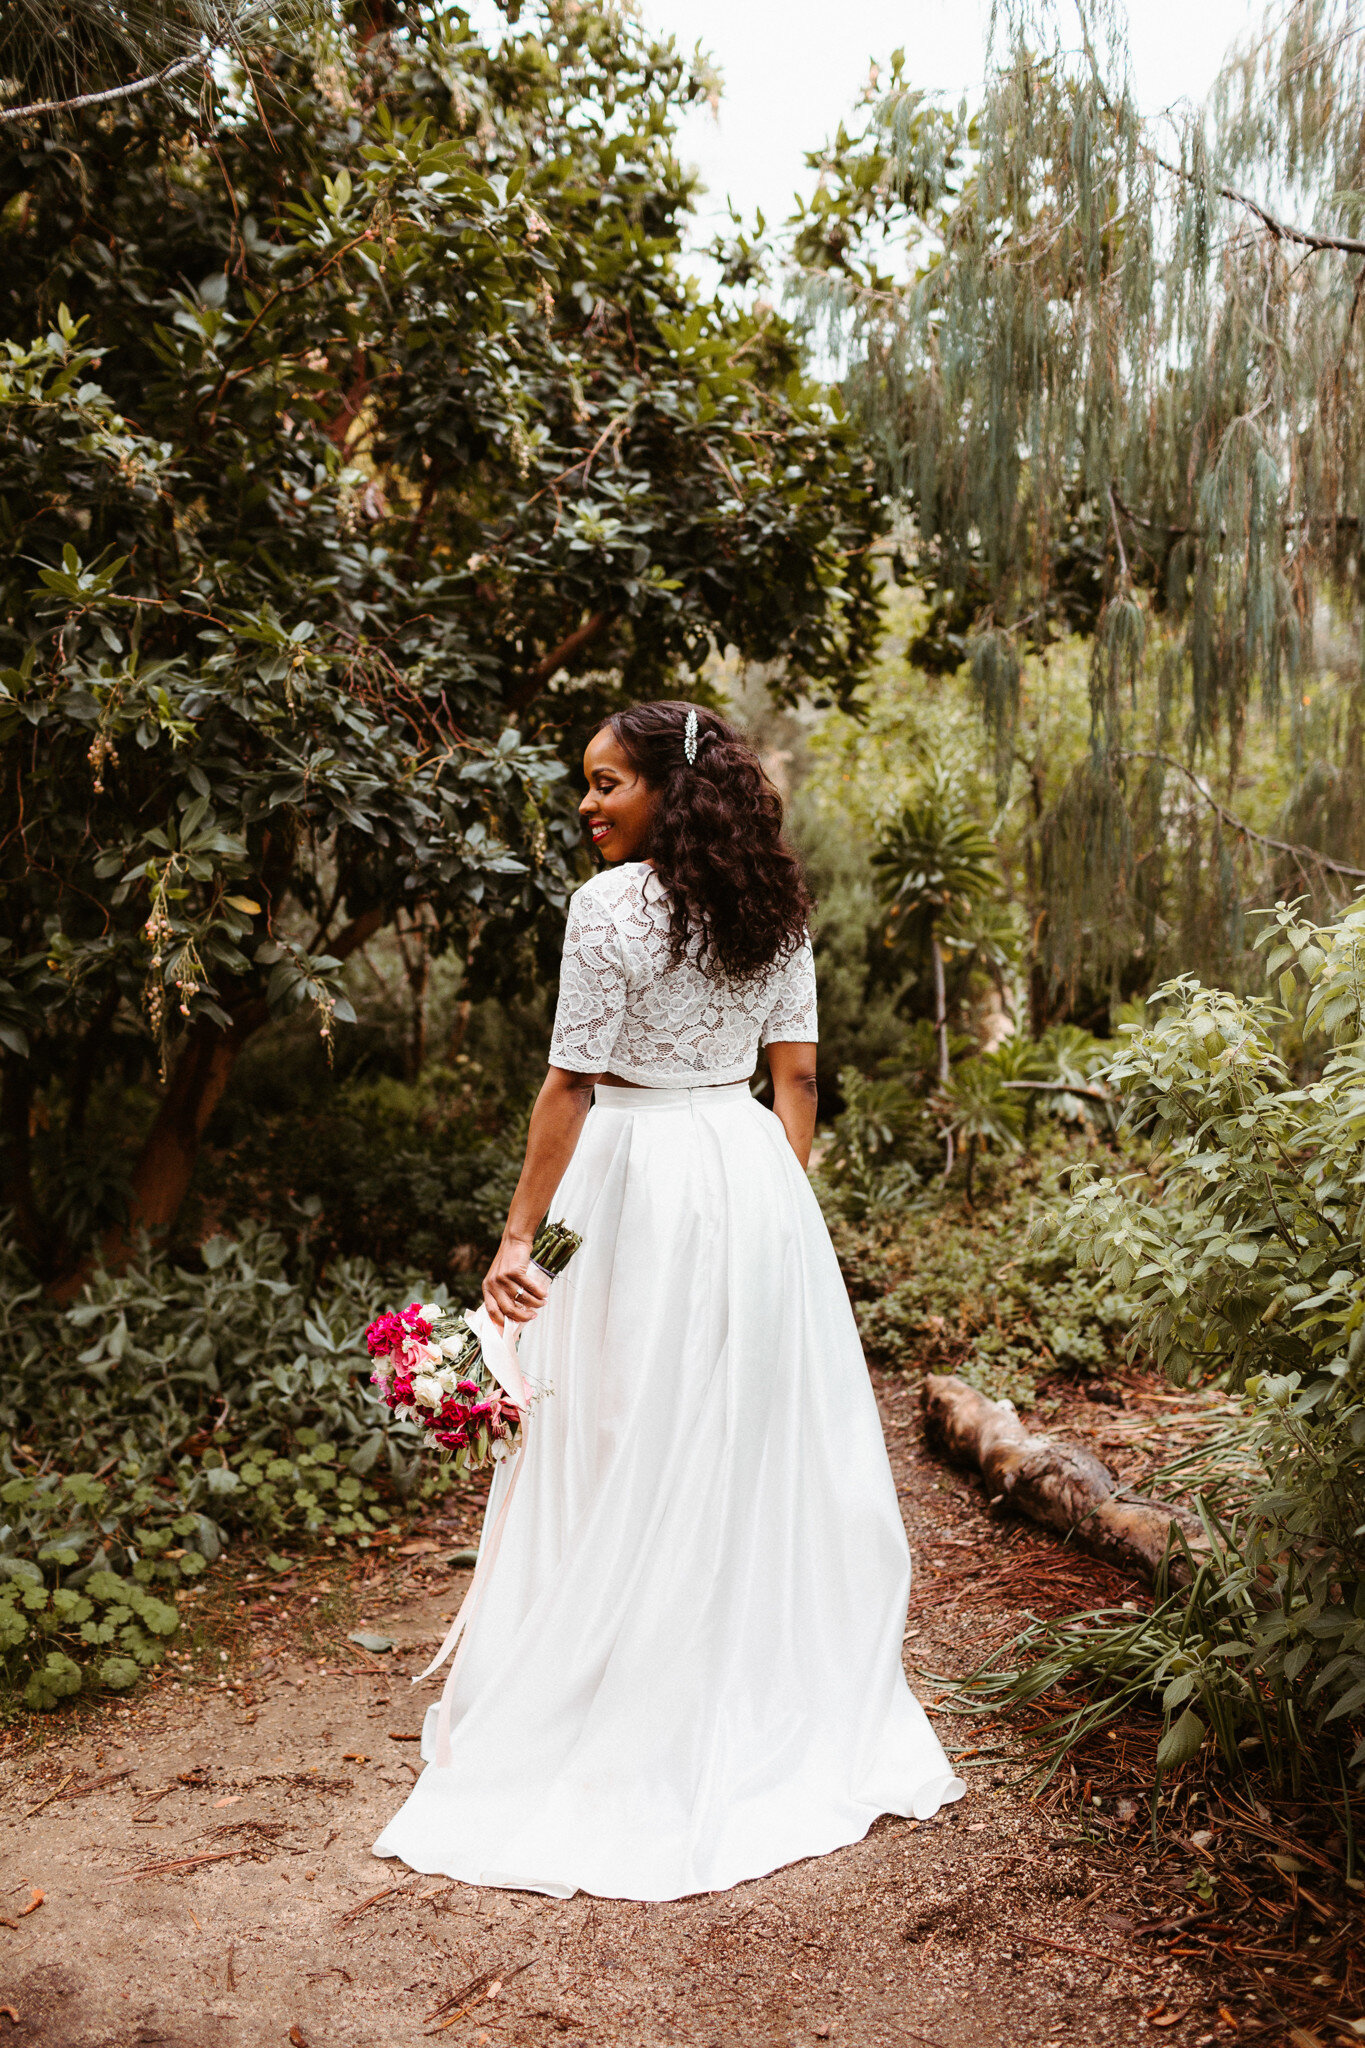 Elopement Weddings Due to Coronavirus